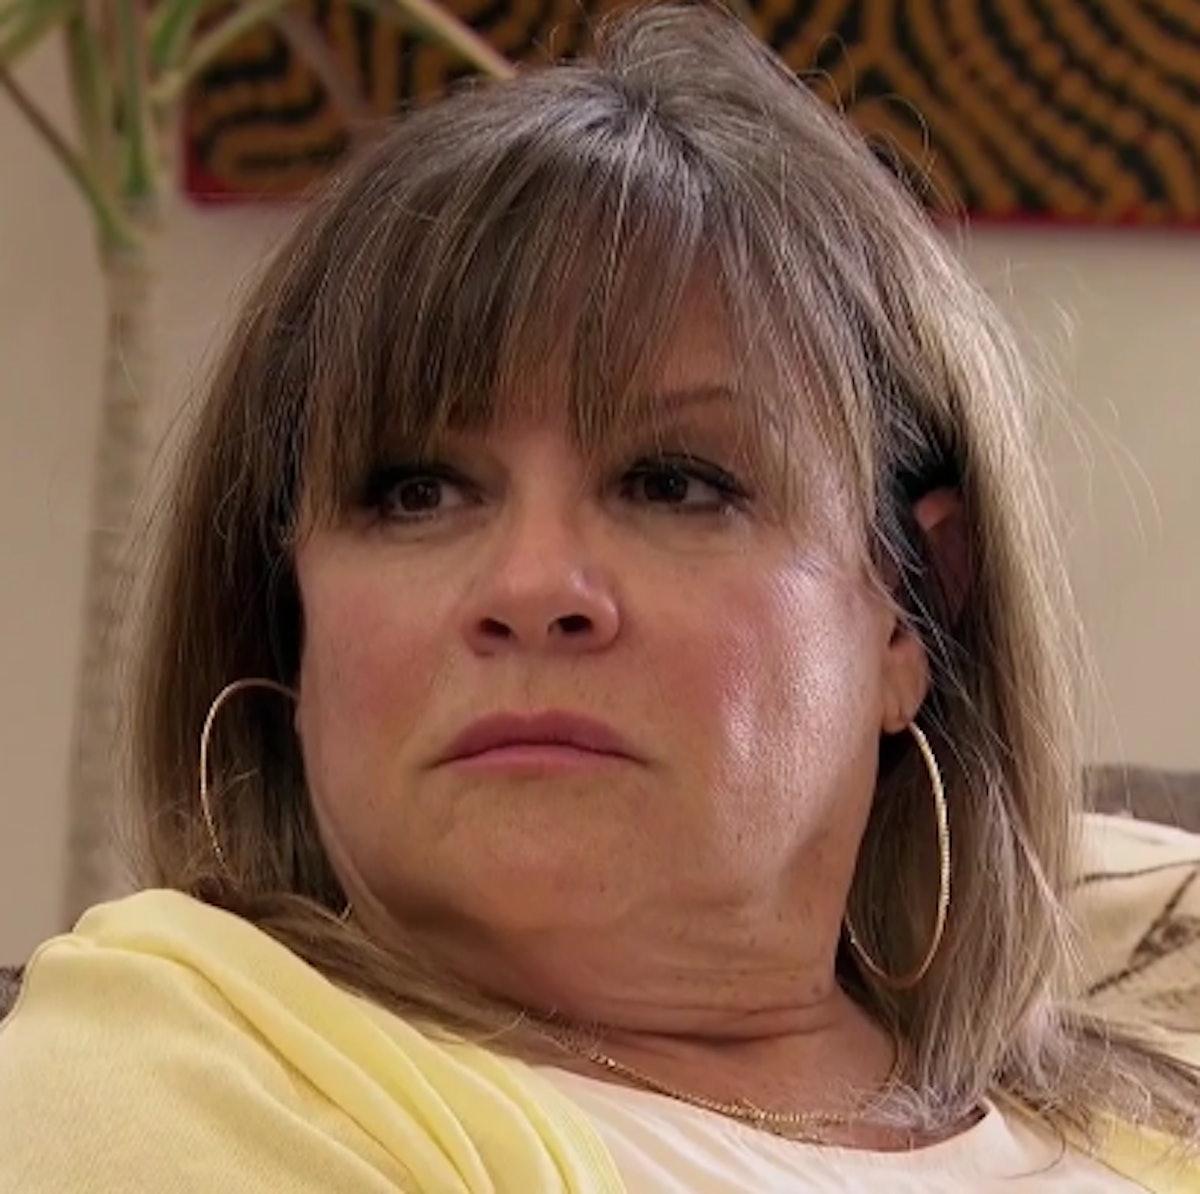 Barb Weber on 'The Bachelor'